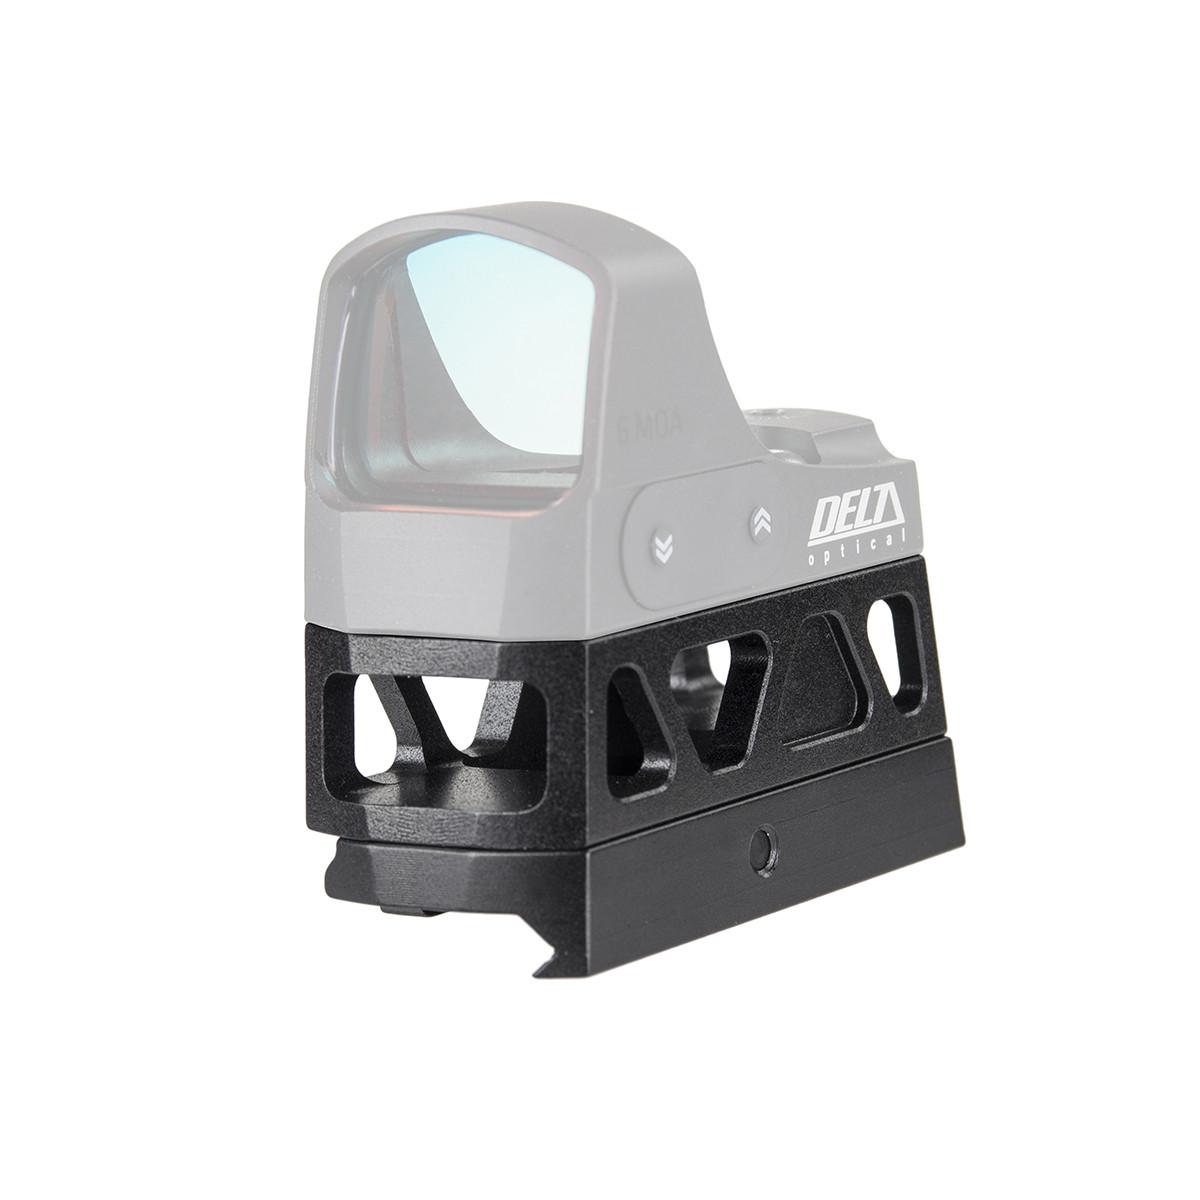 DELTA-Stryker-Red-Dot-Sight-4MOA-6MOA-8MOA-DO-2326-DO-2328-DO-2329utWlbdTA7DHjf